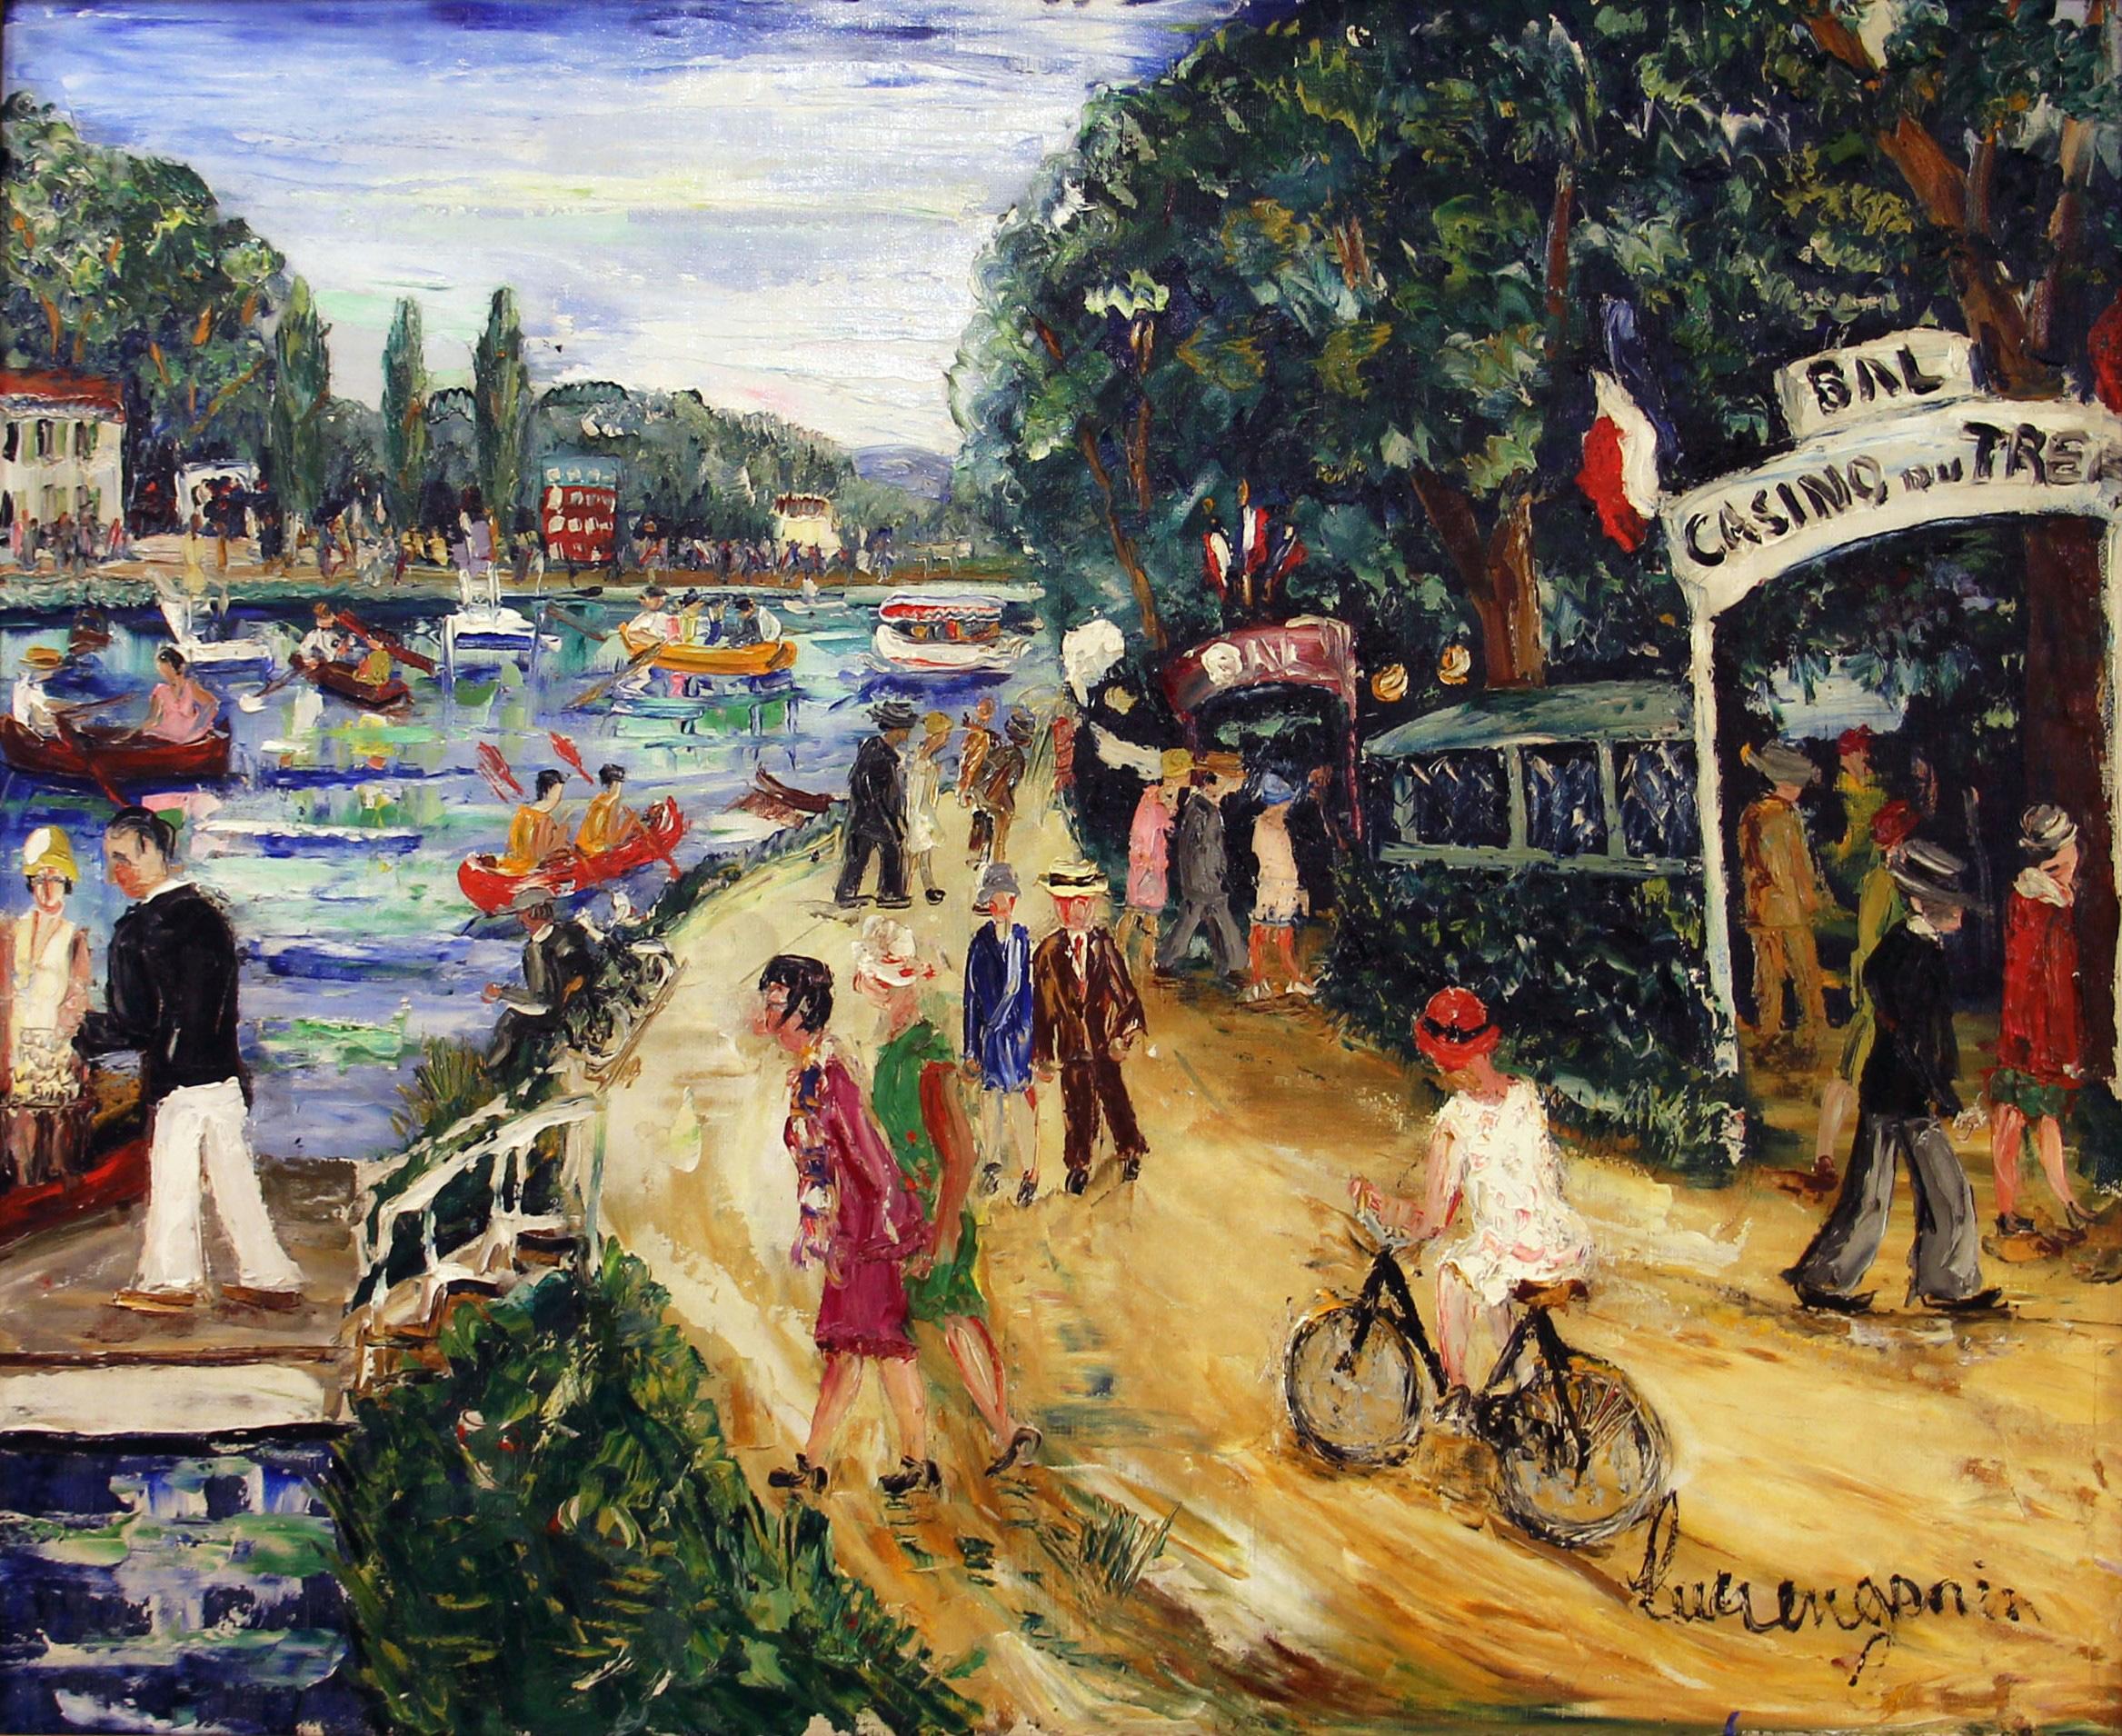 Lucien Génin: Bal casino du Tremblay sur les bords de Marne